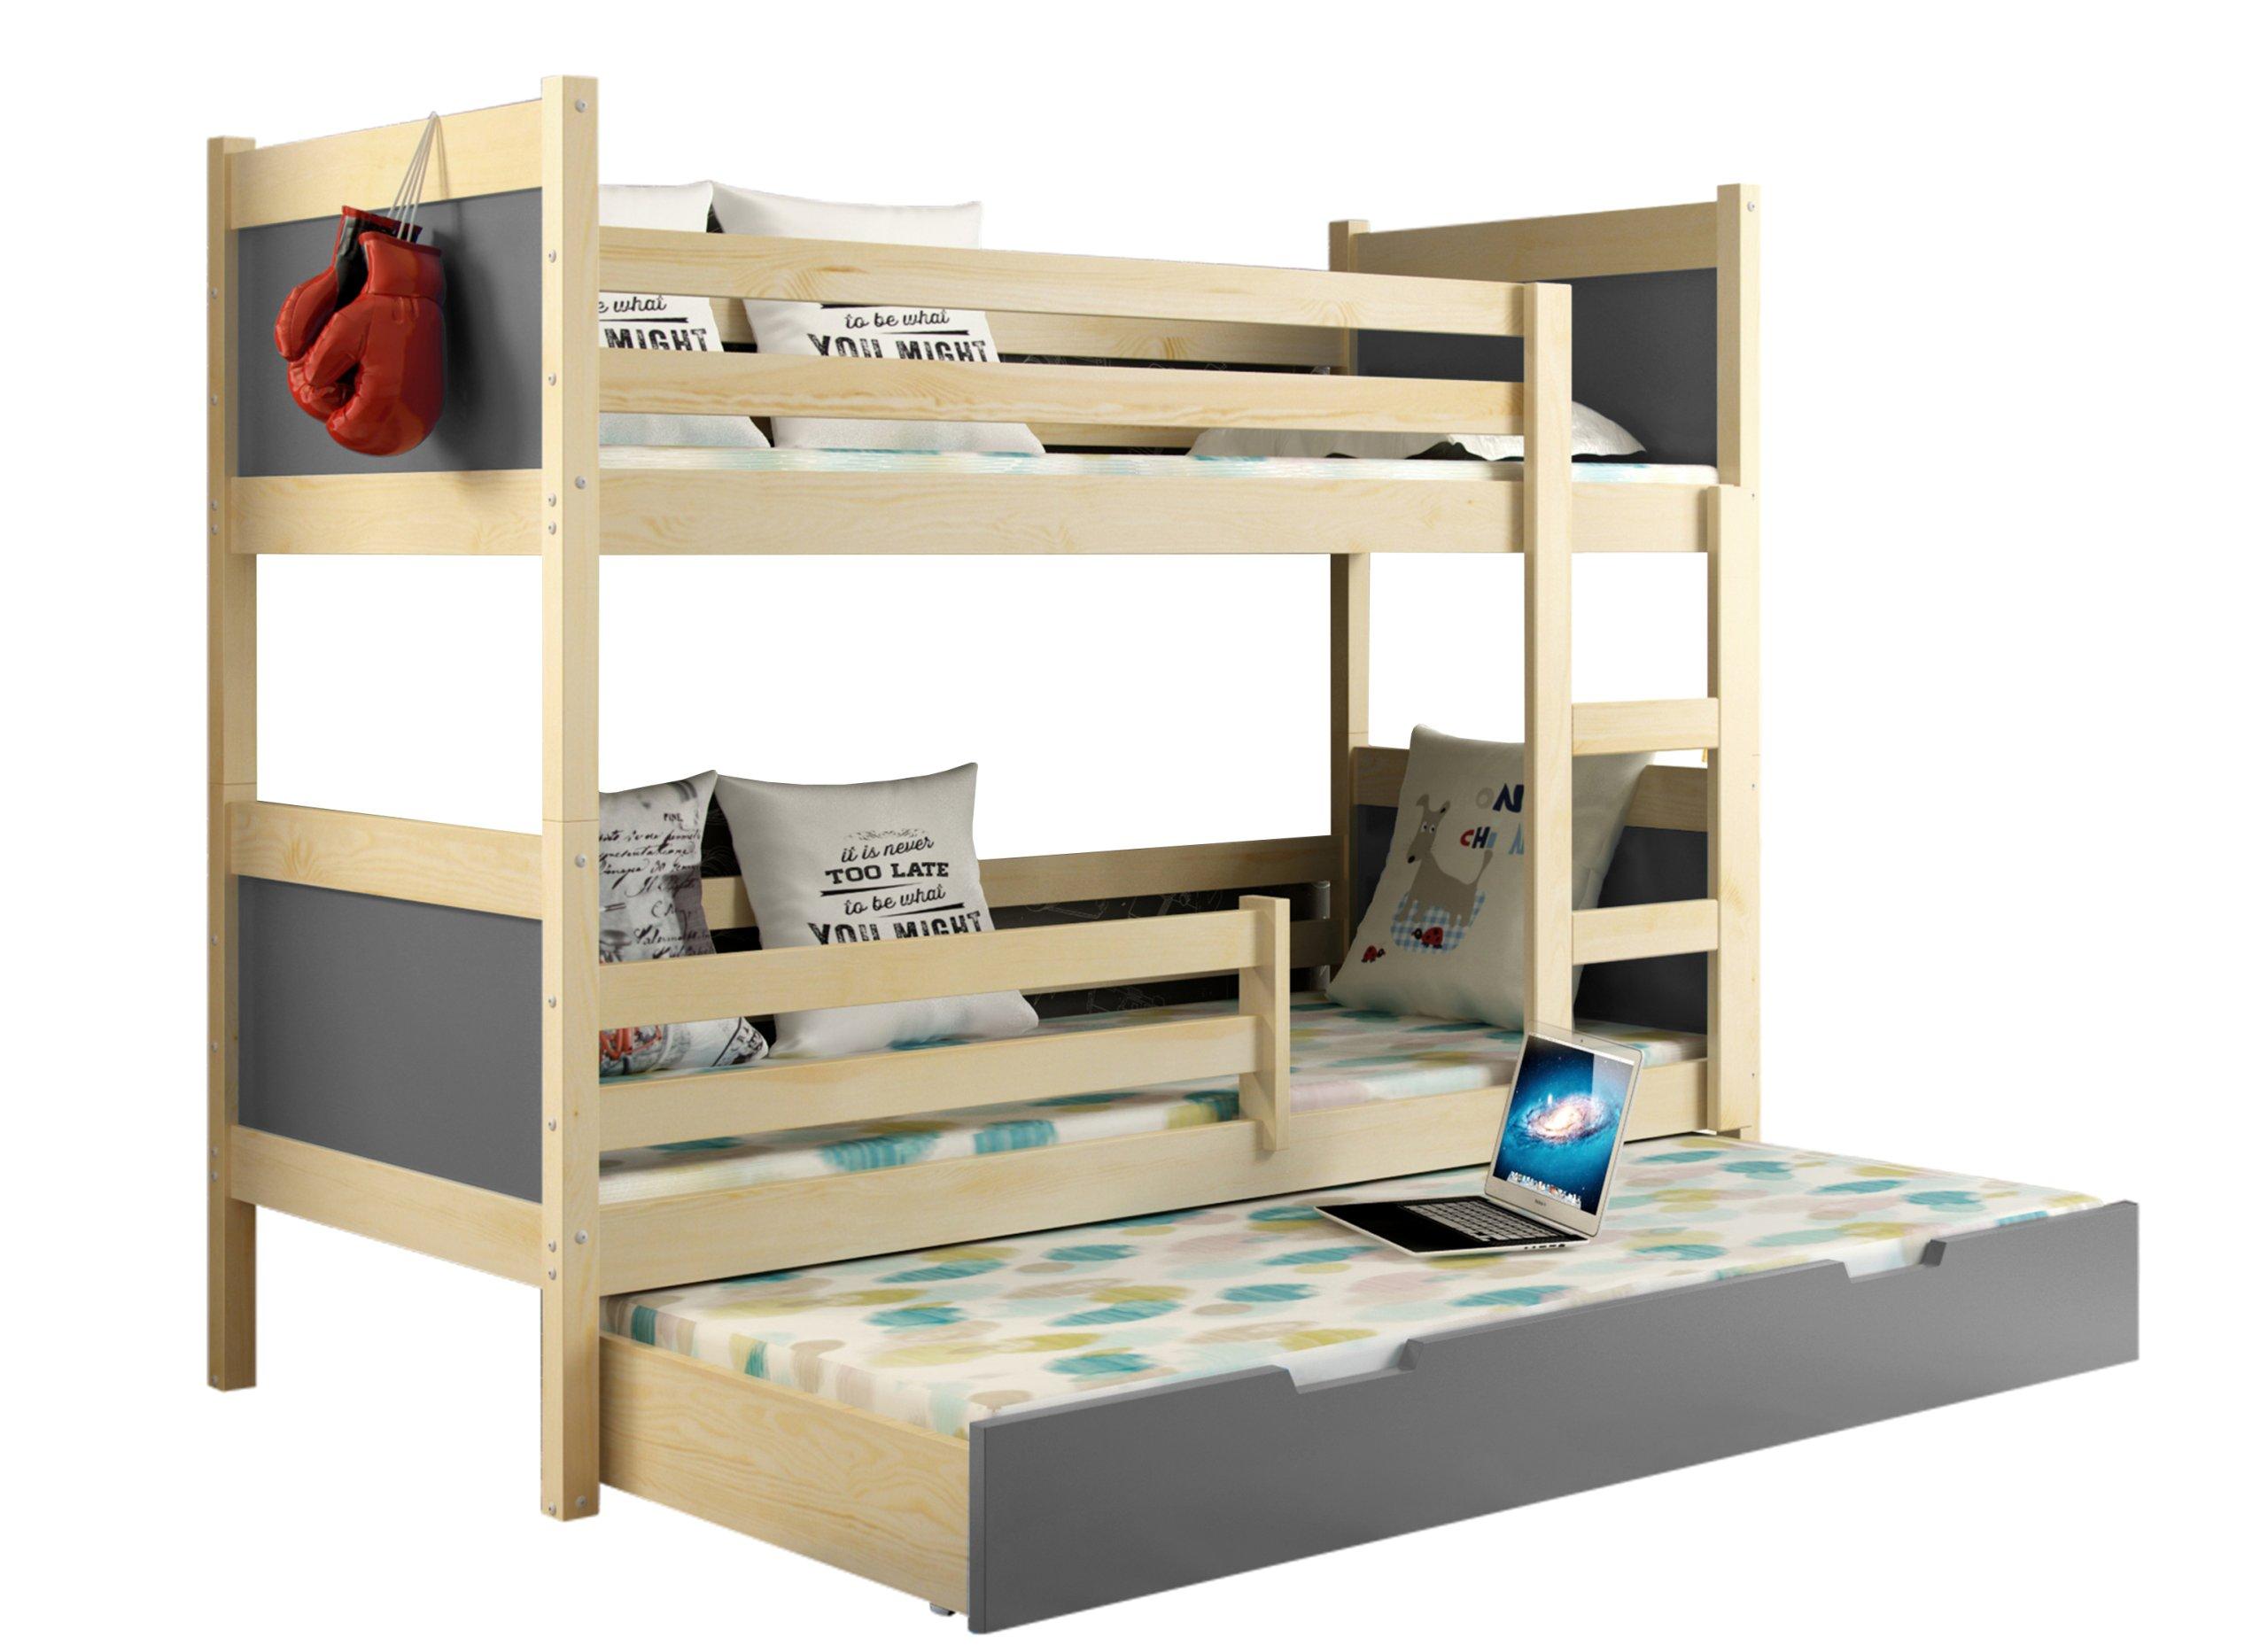 łóżko Piętrowe Leon 185x80 Dla Dzieci 3 Osobowe 6027905467